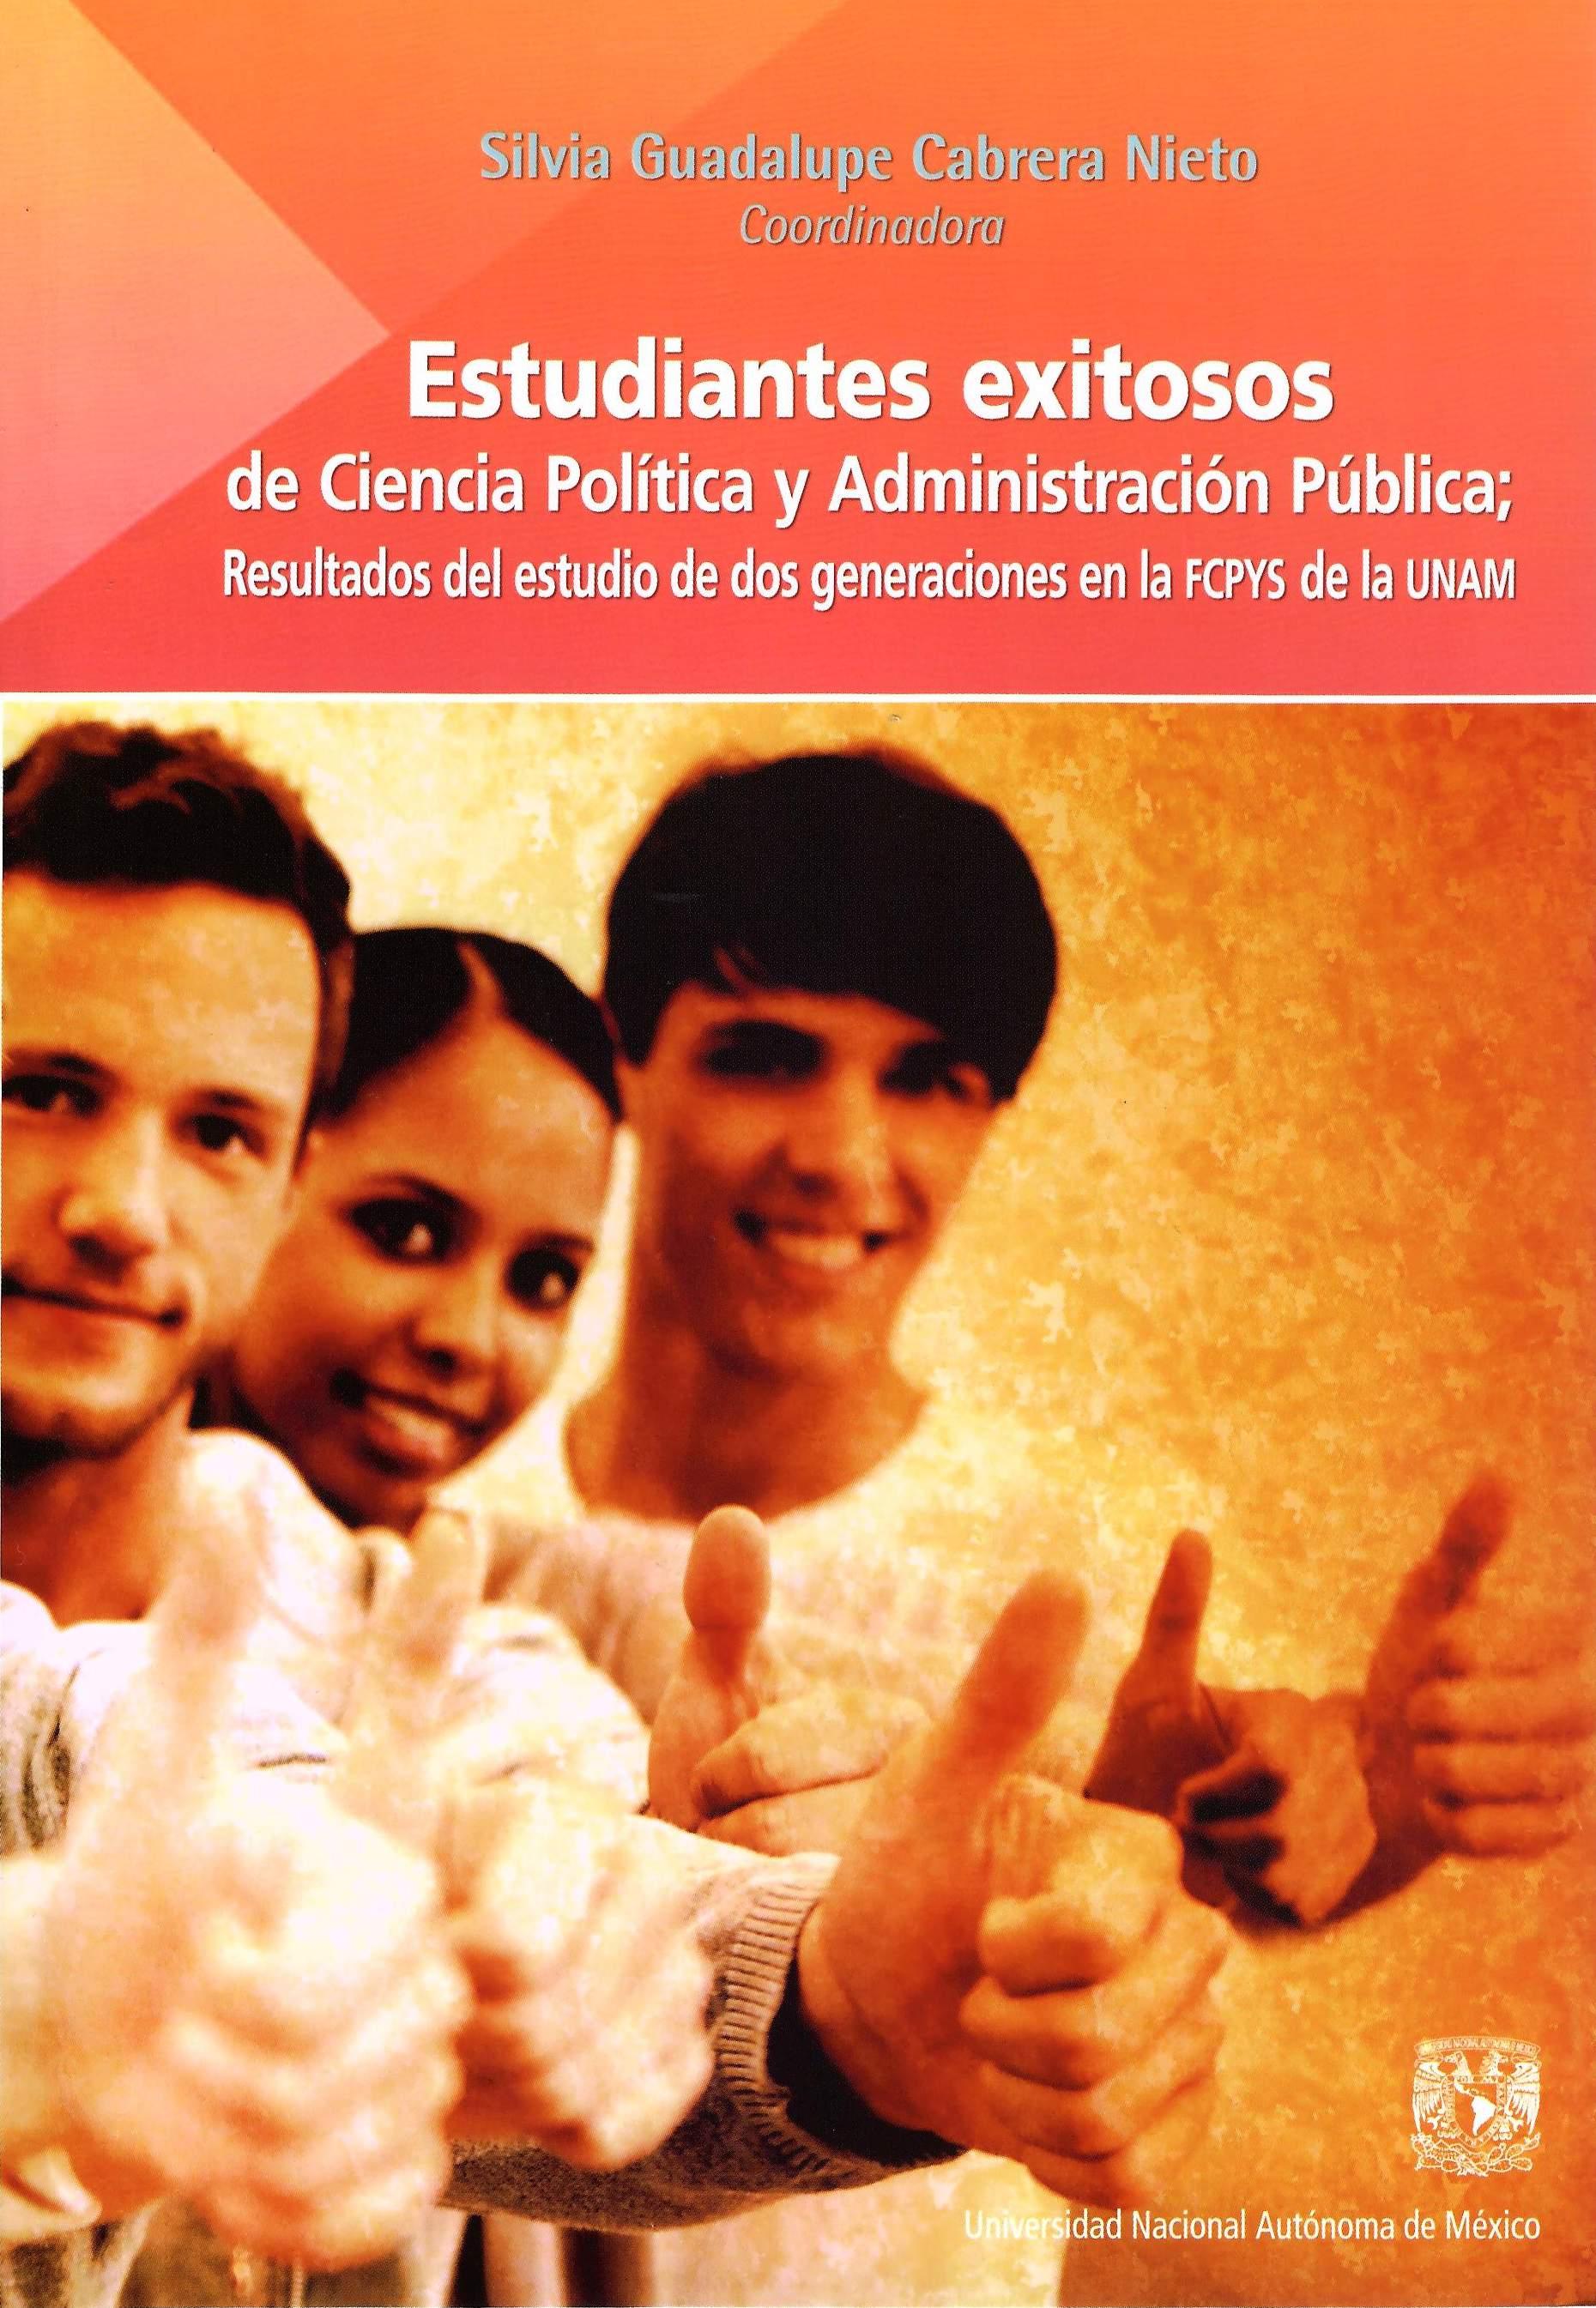 Estudiantes exitosos de Ciencia Política y Administración Pública; resultados del estudio de dos generaciones en la FCPYS de la UNAM